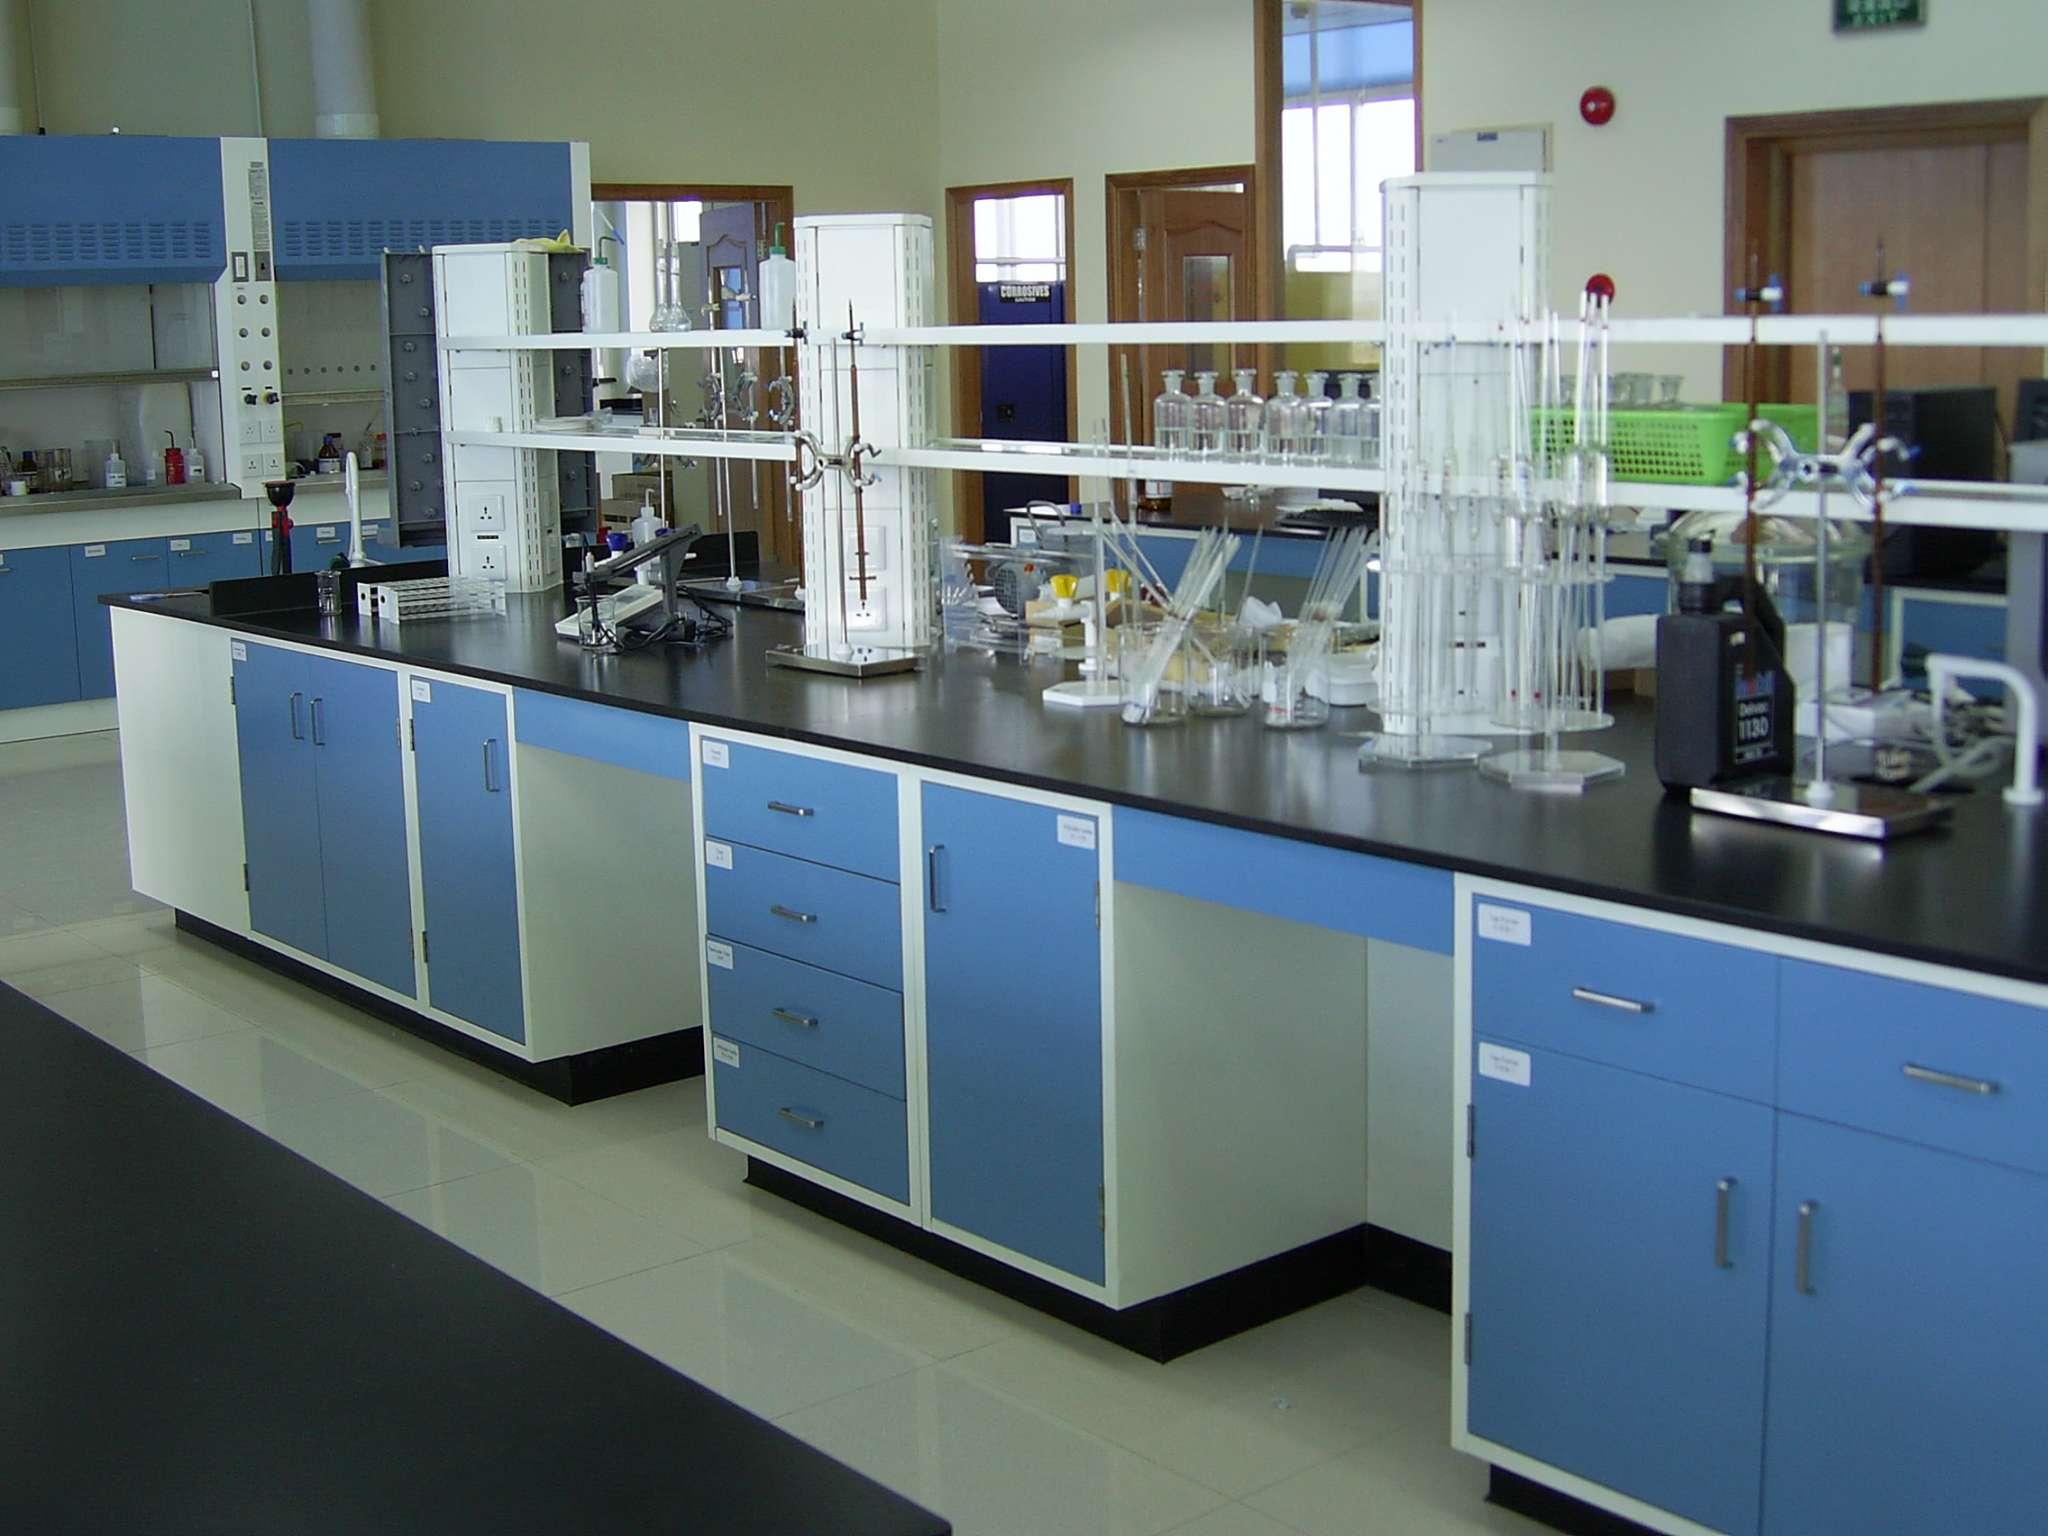 实验室,检验室,化验室装修